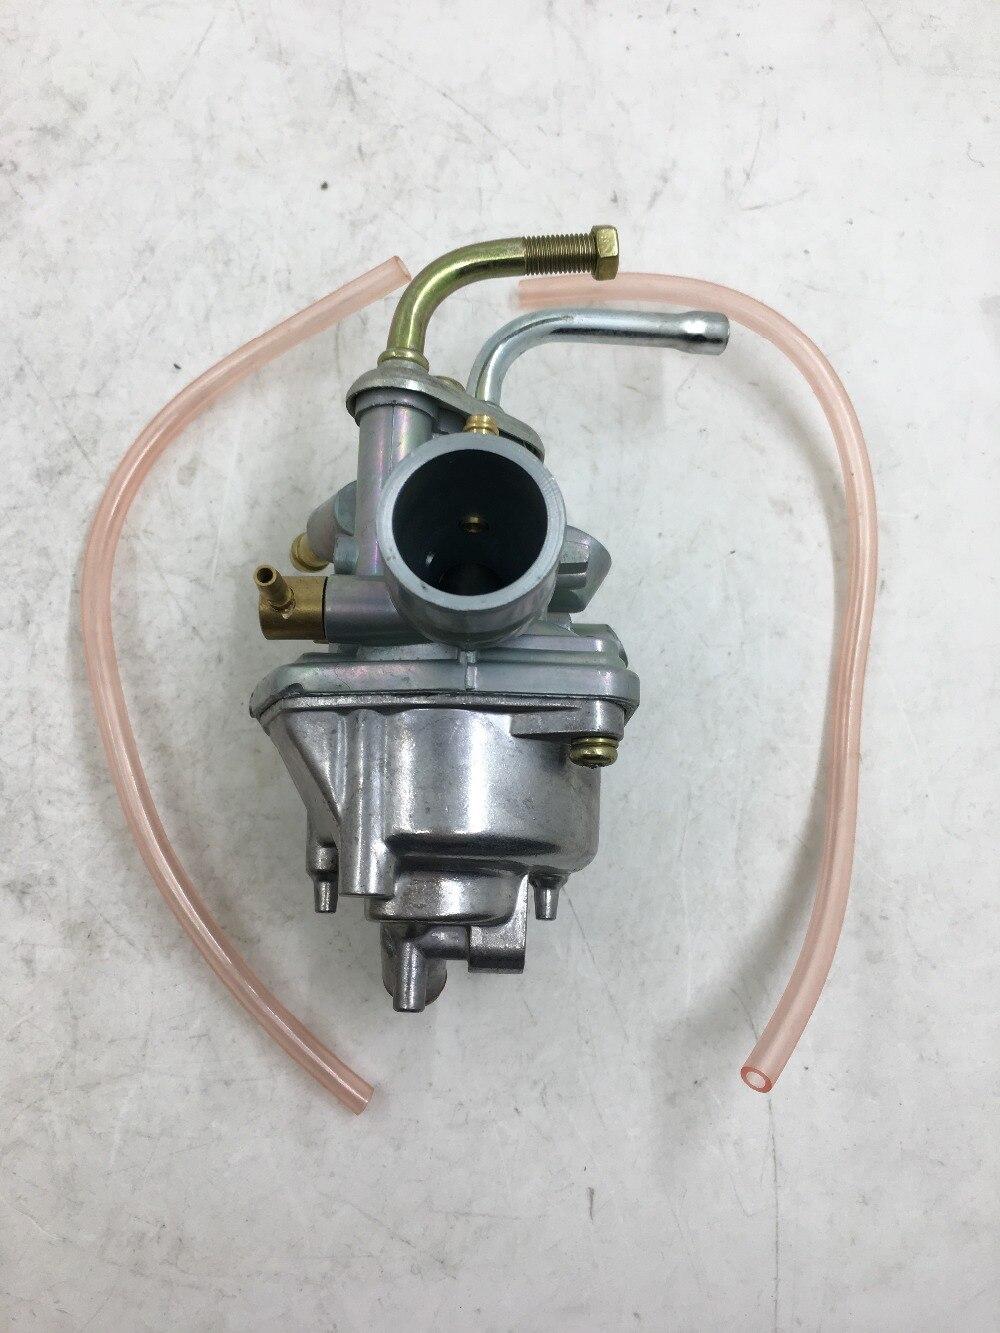 Diagram Of Honda Atv Parts 1985 Atc350x A Carburetor Diagram